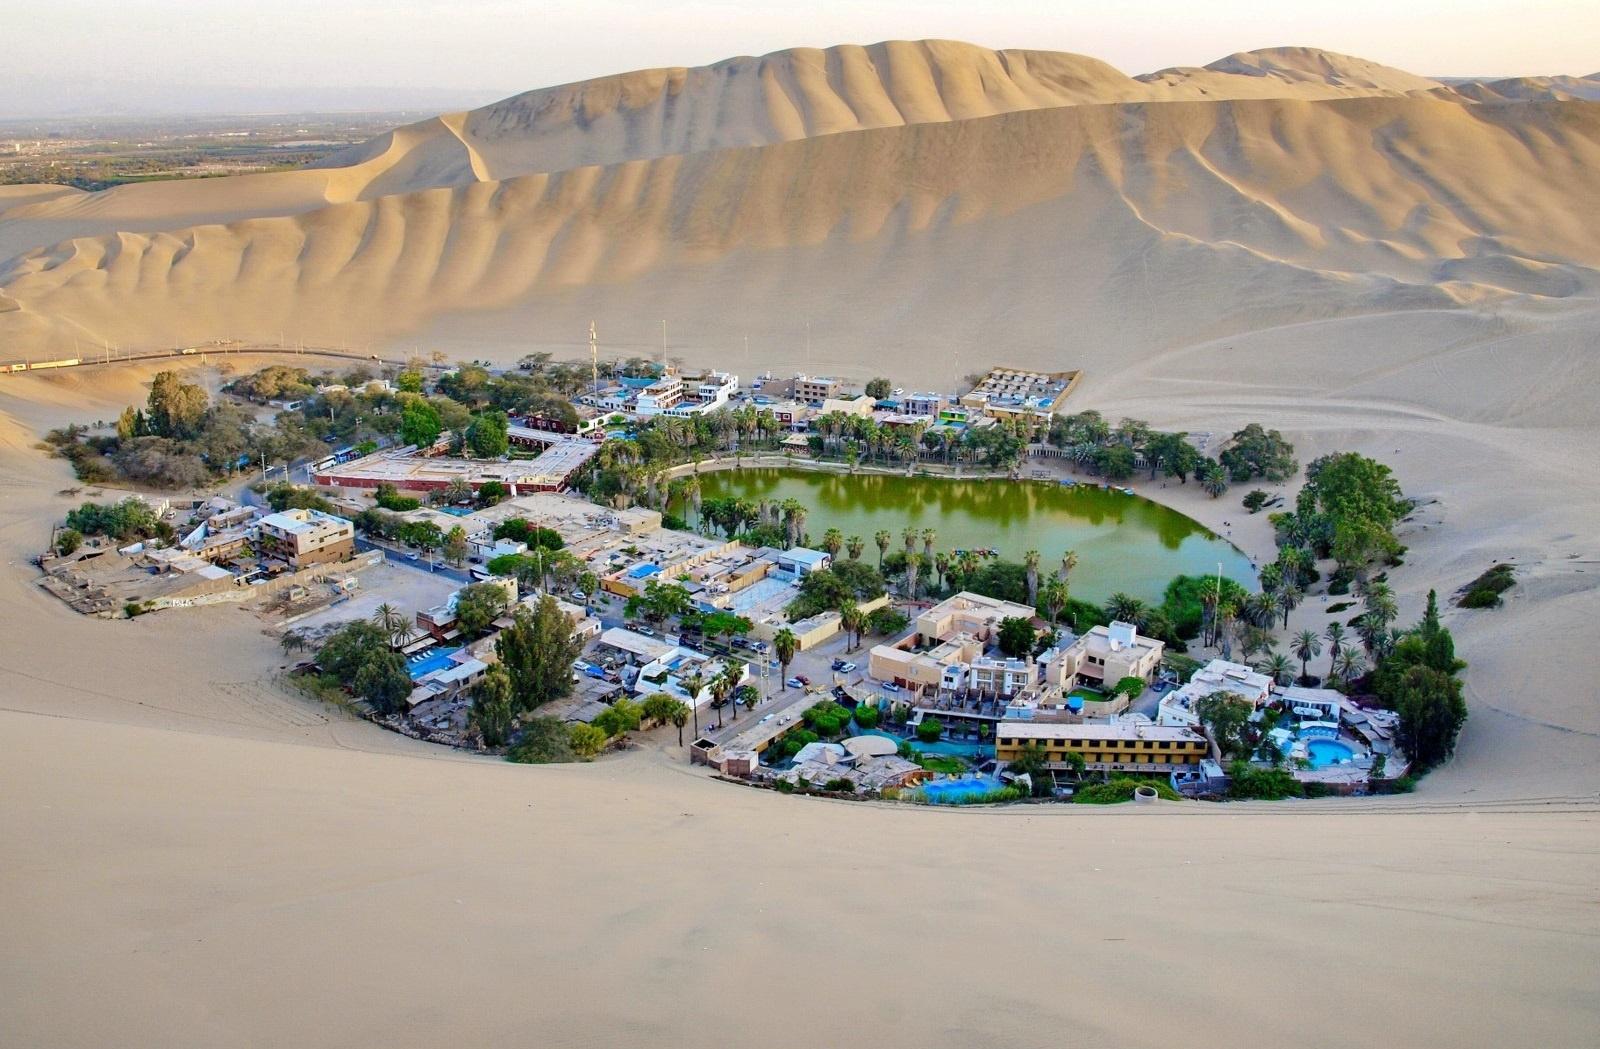 Ngôi làng bao quanh ốc đảo hiện lên như ảo giác ở Peru